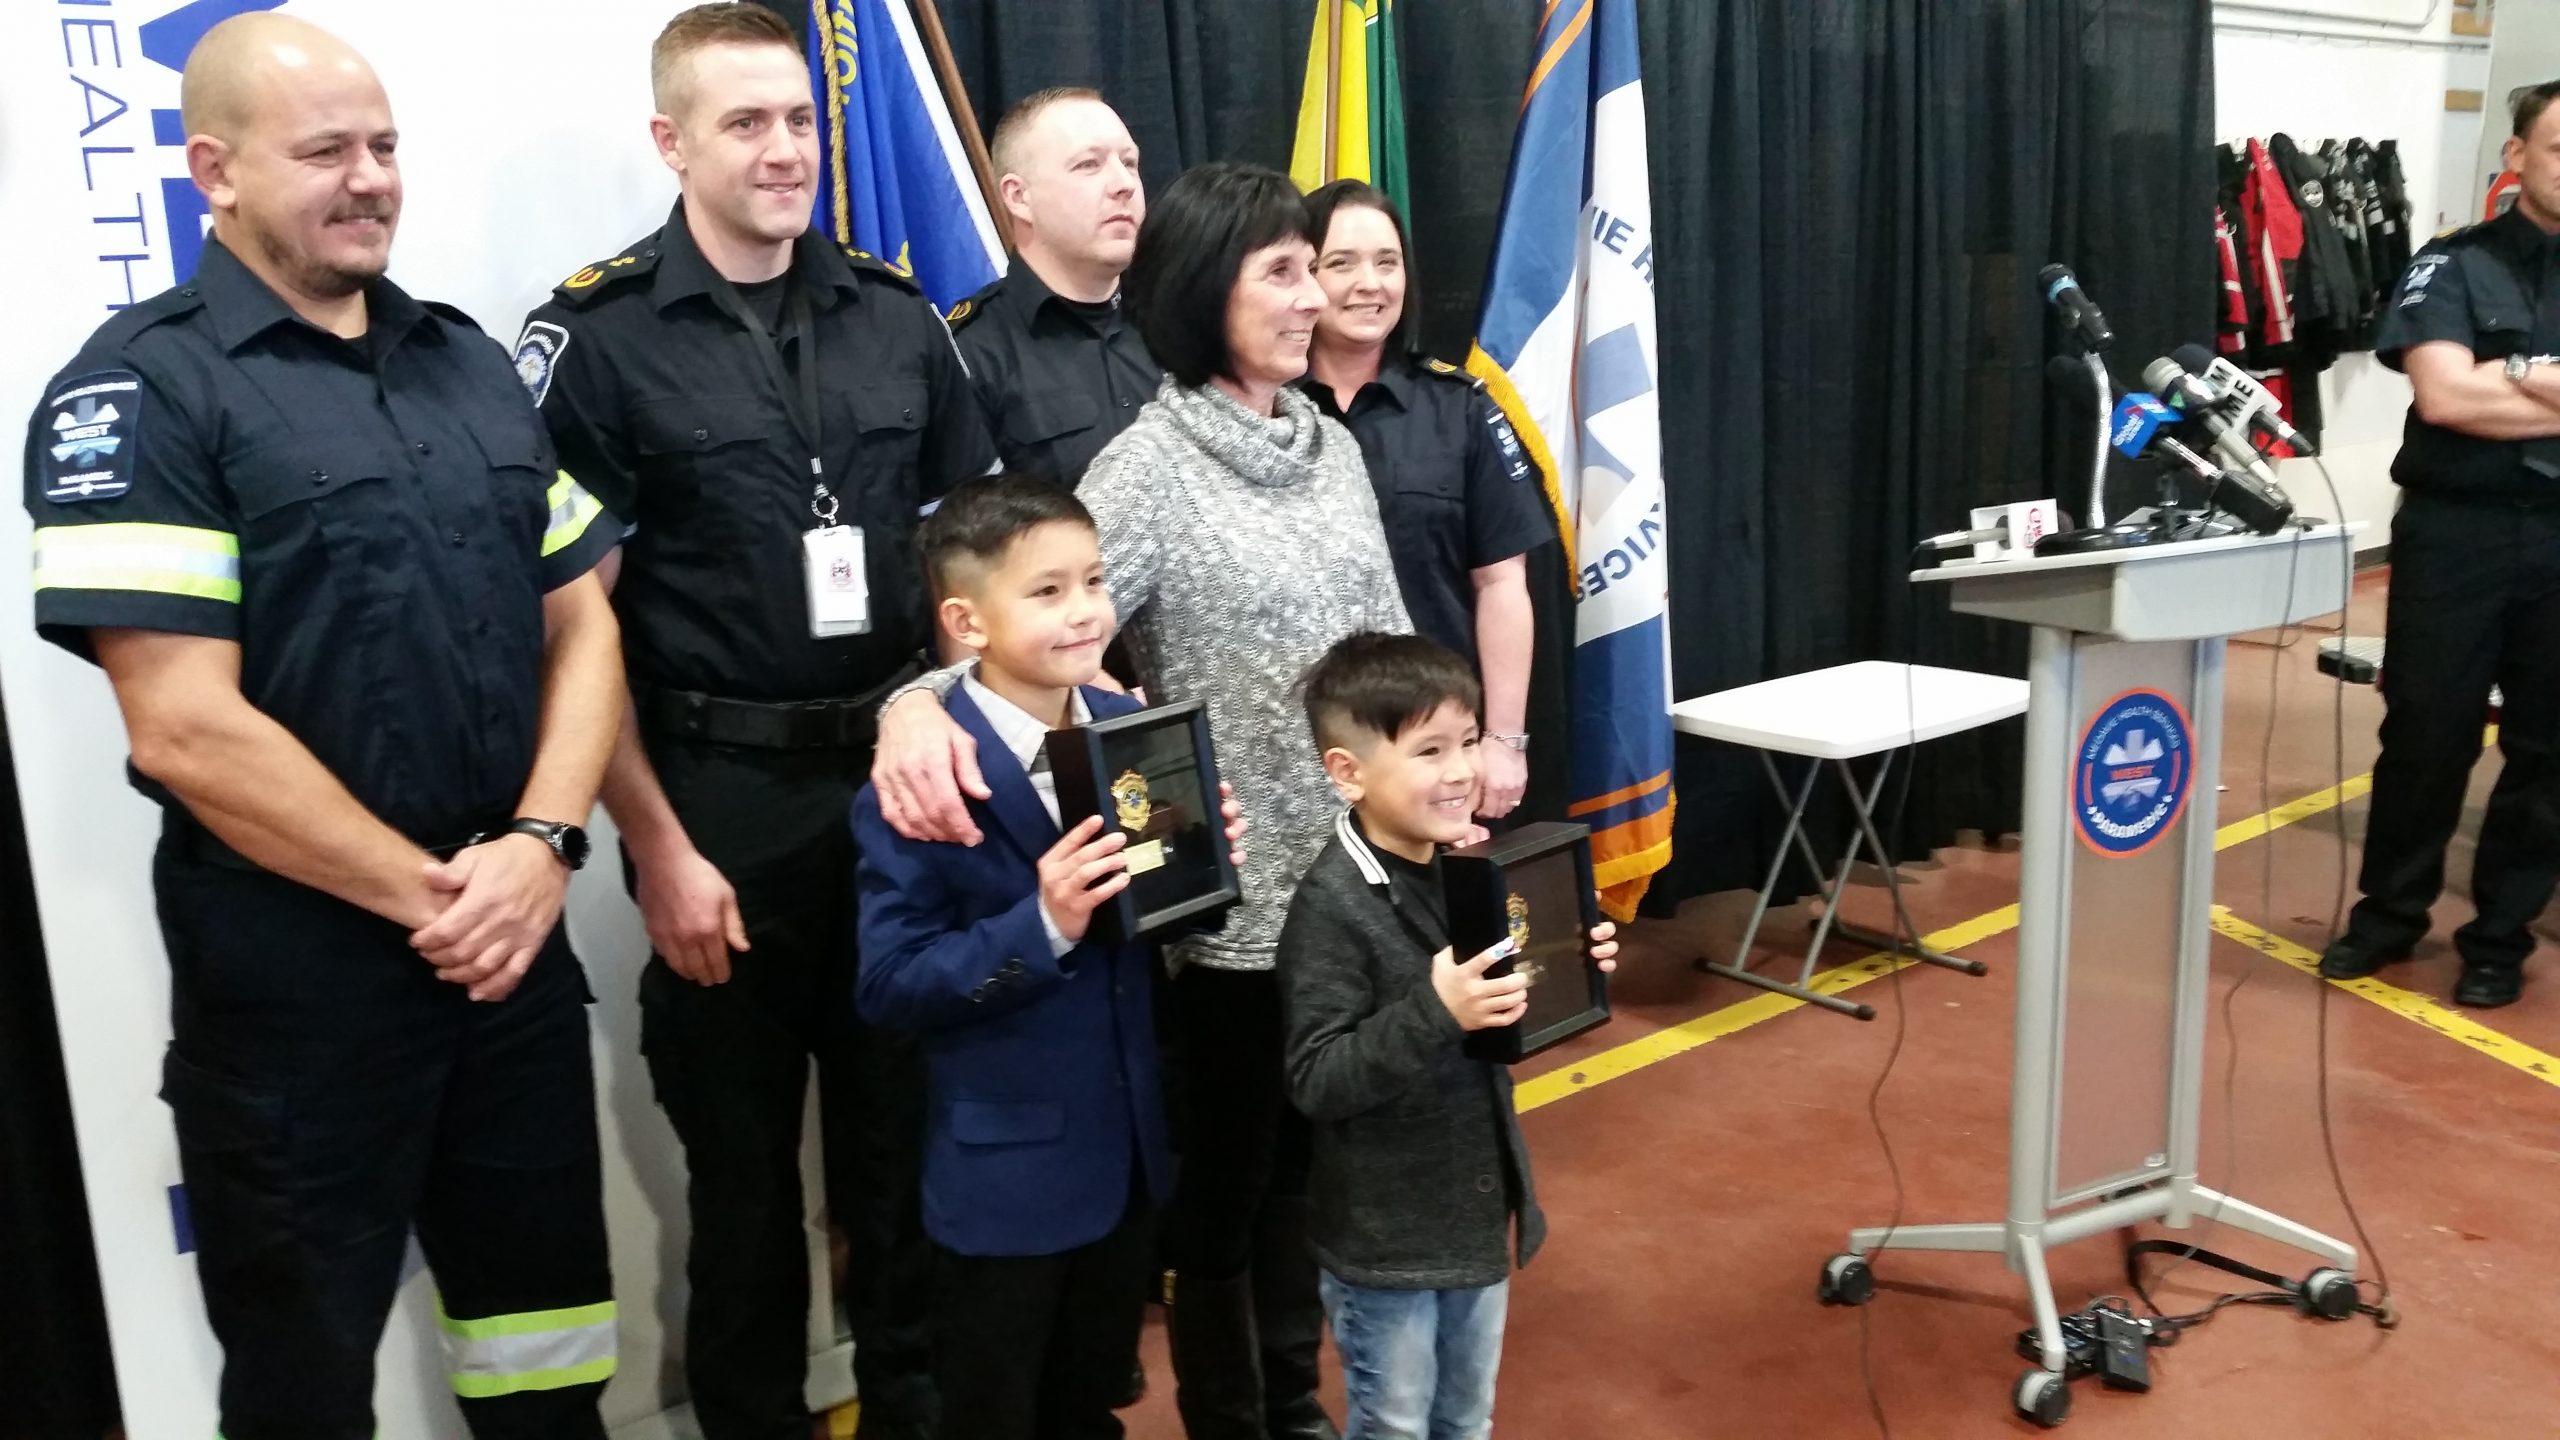 Saskatoon boys awarded for saving their grandmother's life